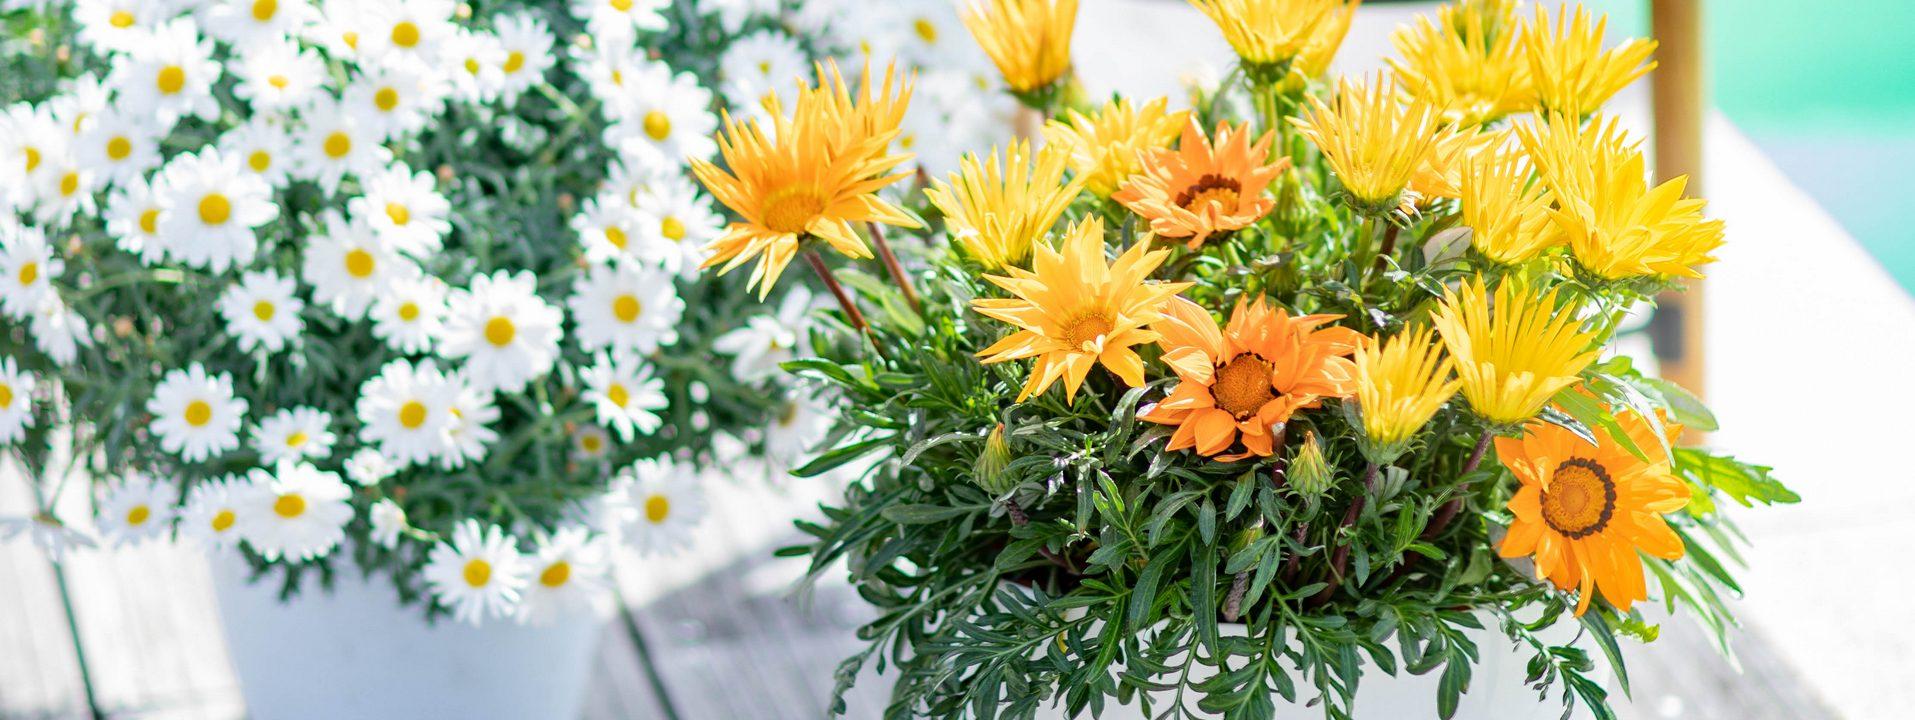 Plantes et fleurs méditerranéennes